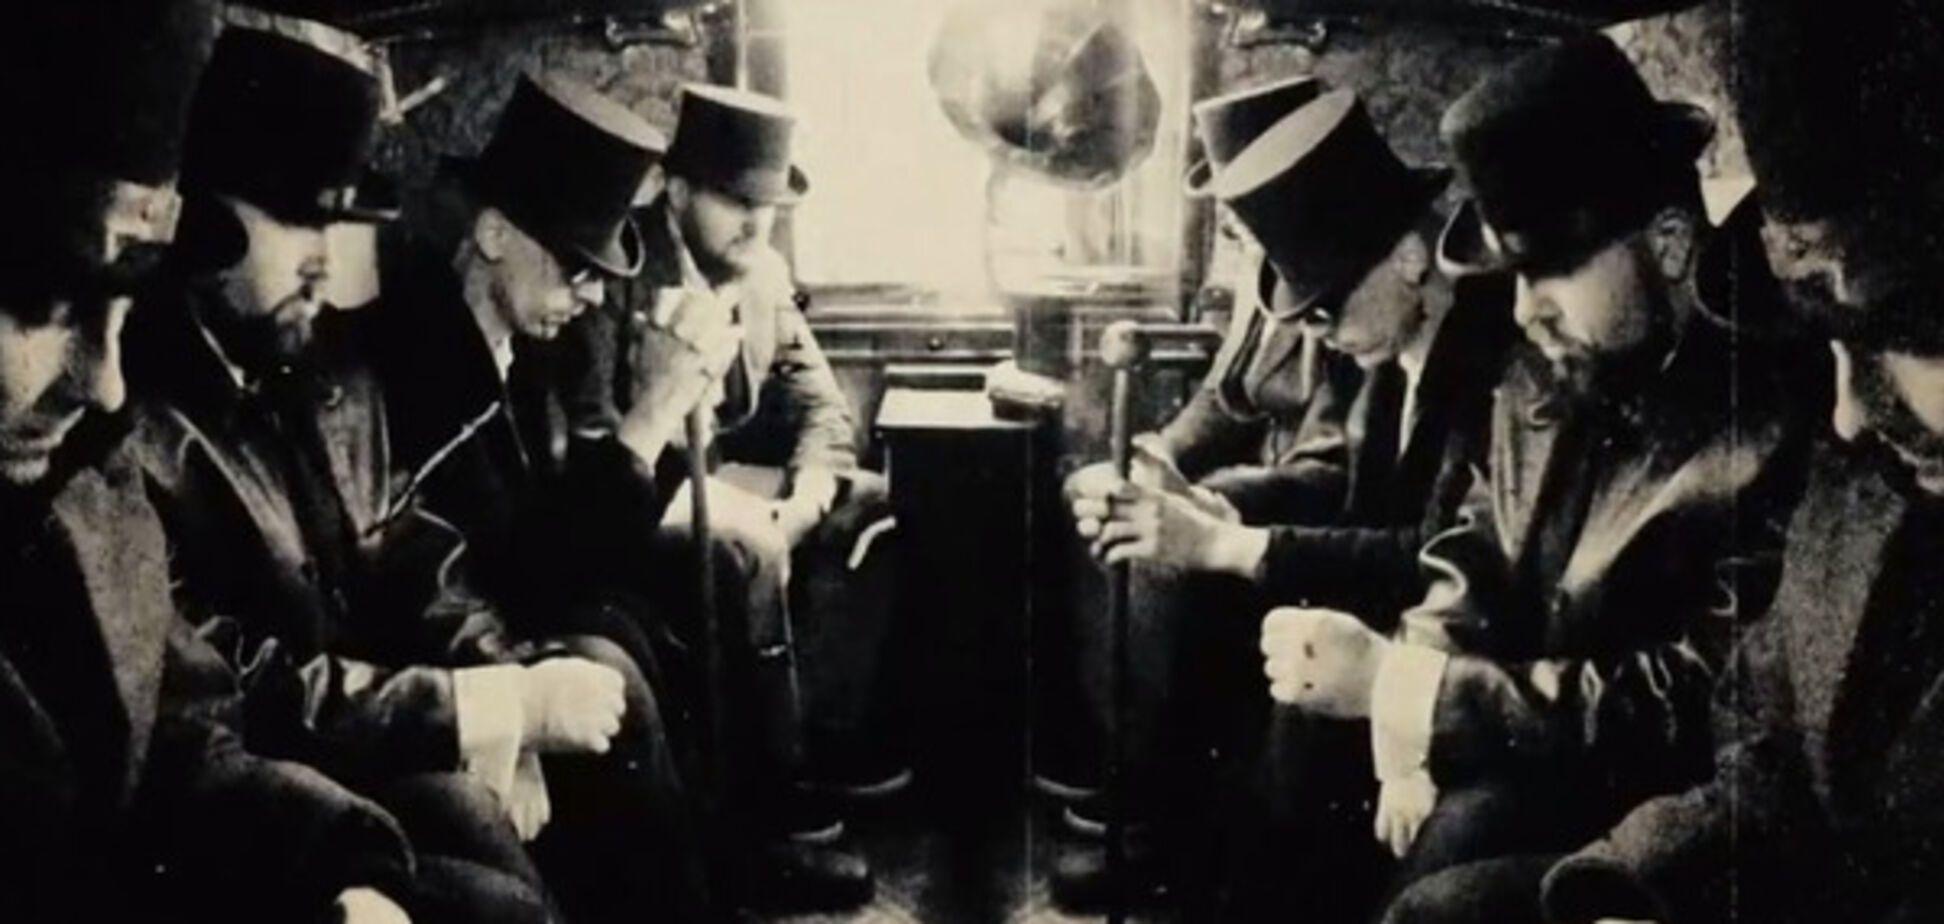 Как выглядел бы клип 'Тает лед' в 19 веке: сети позабавила новая пародия на 'Грибы'